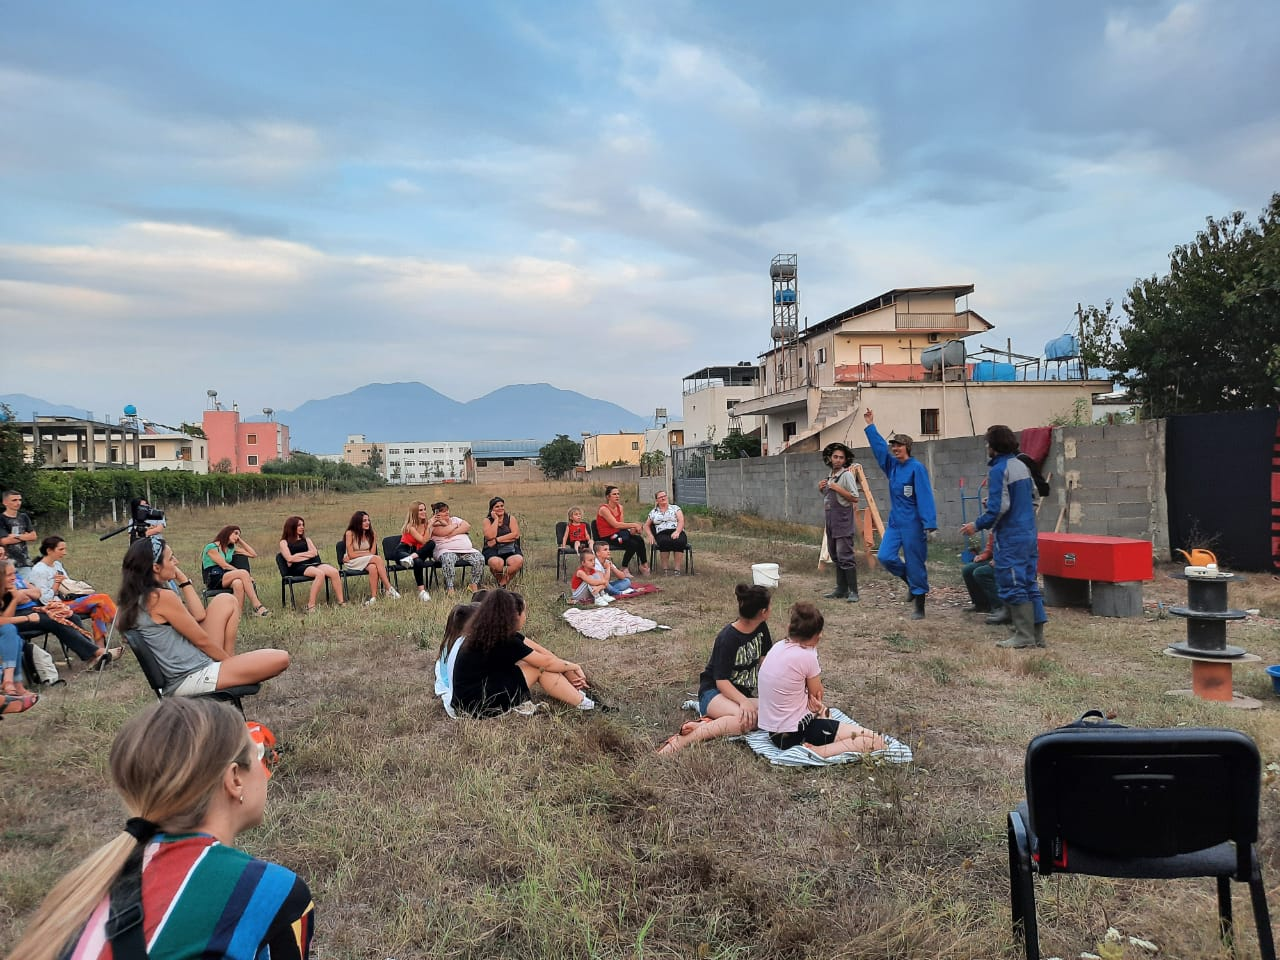 """Shfaqja """"Vidh një çikë më pak"""" në Kamëz, shtator 2020. Foto: Aurora Leka."""